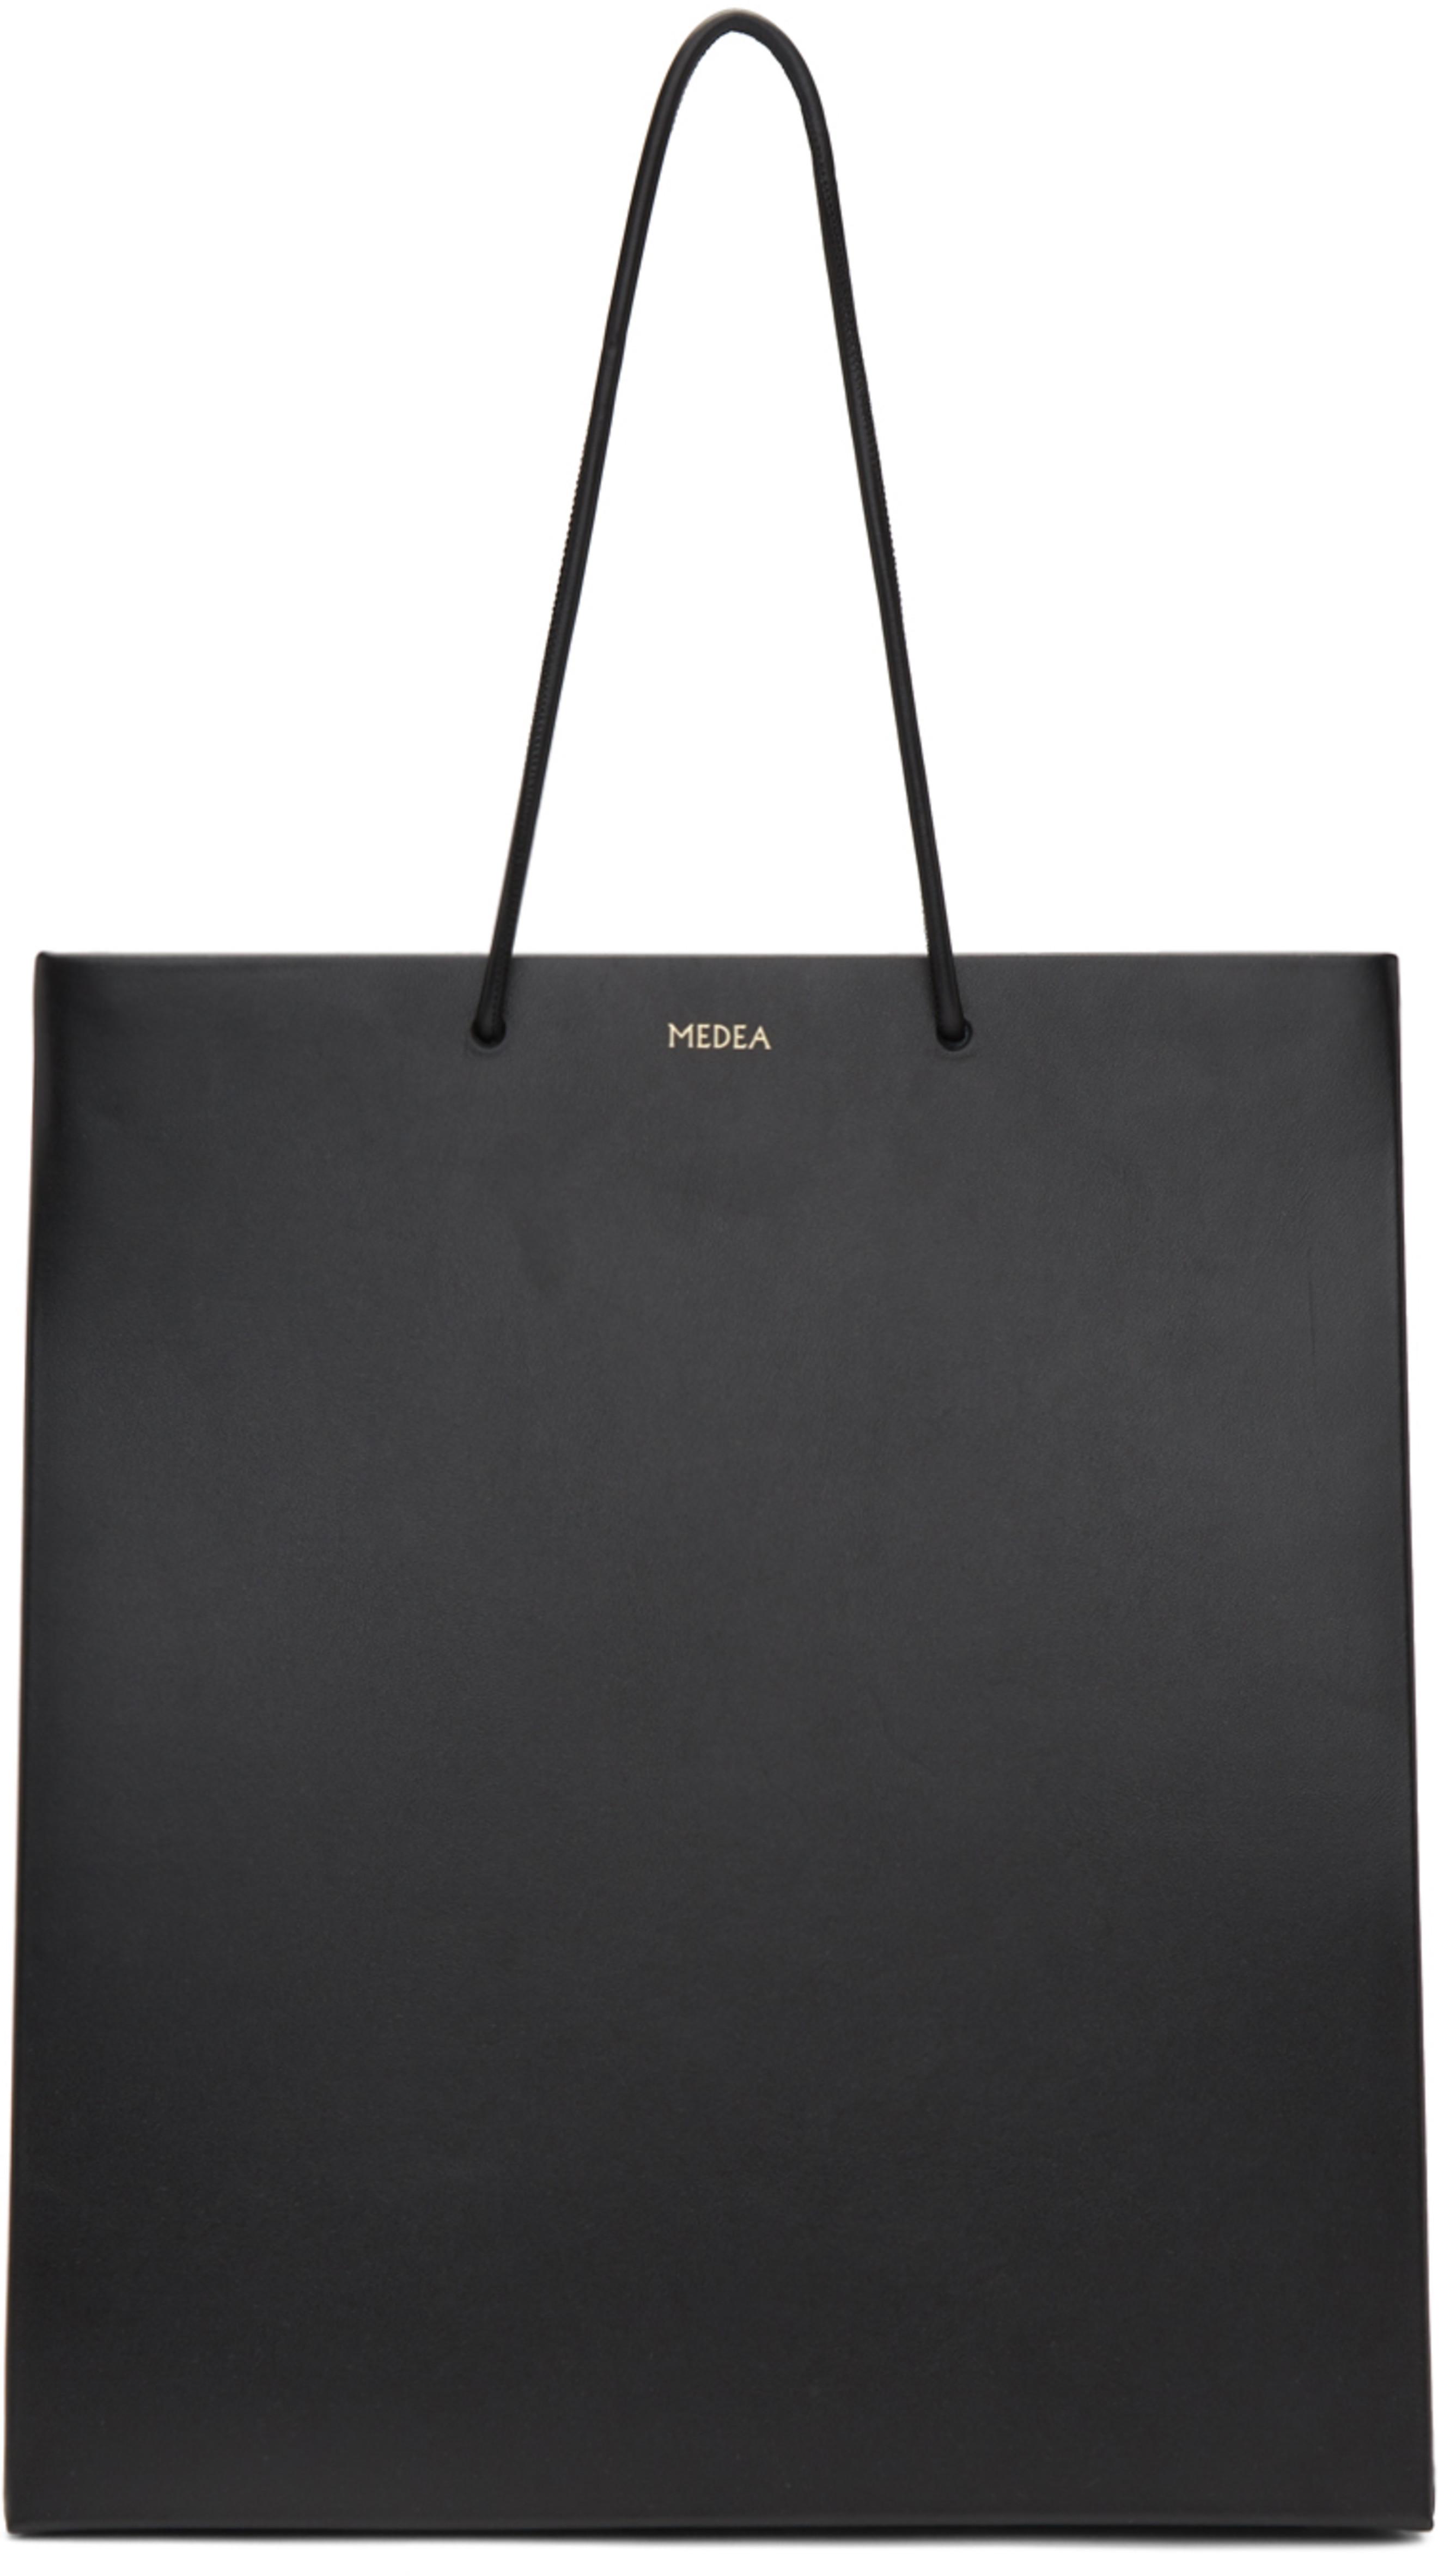 Women Bags Bags For Medea Women For Ssense Medea Ssense qwcEZK0X